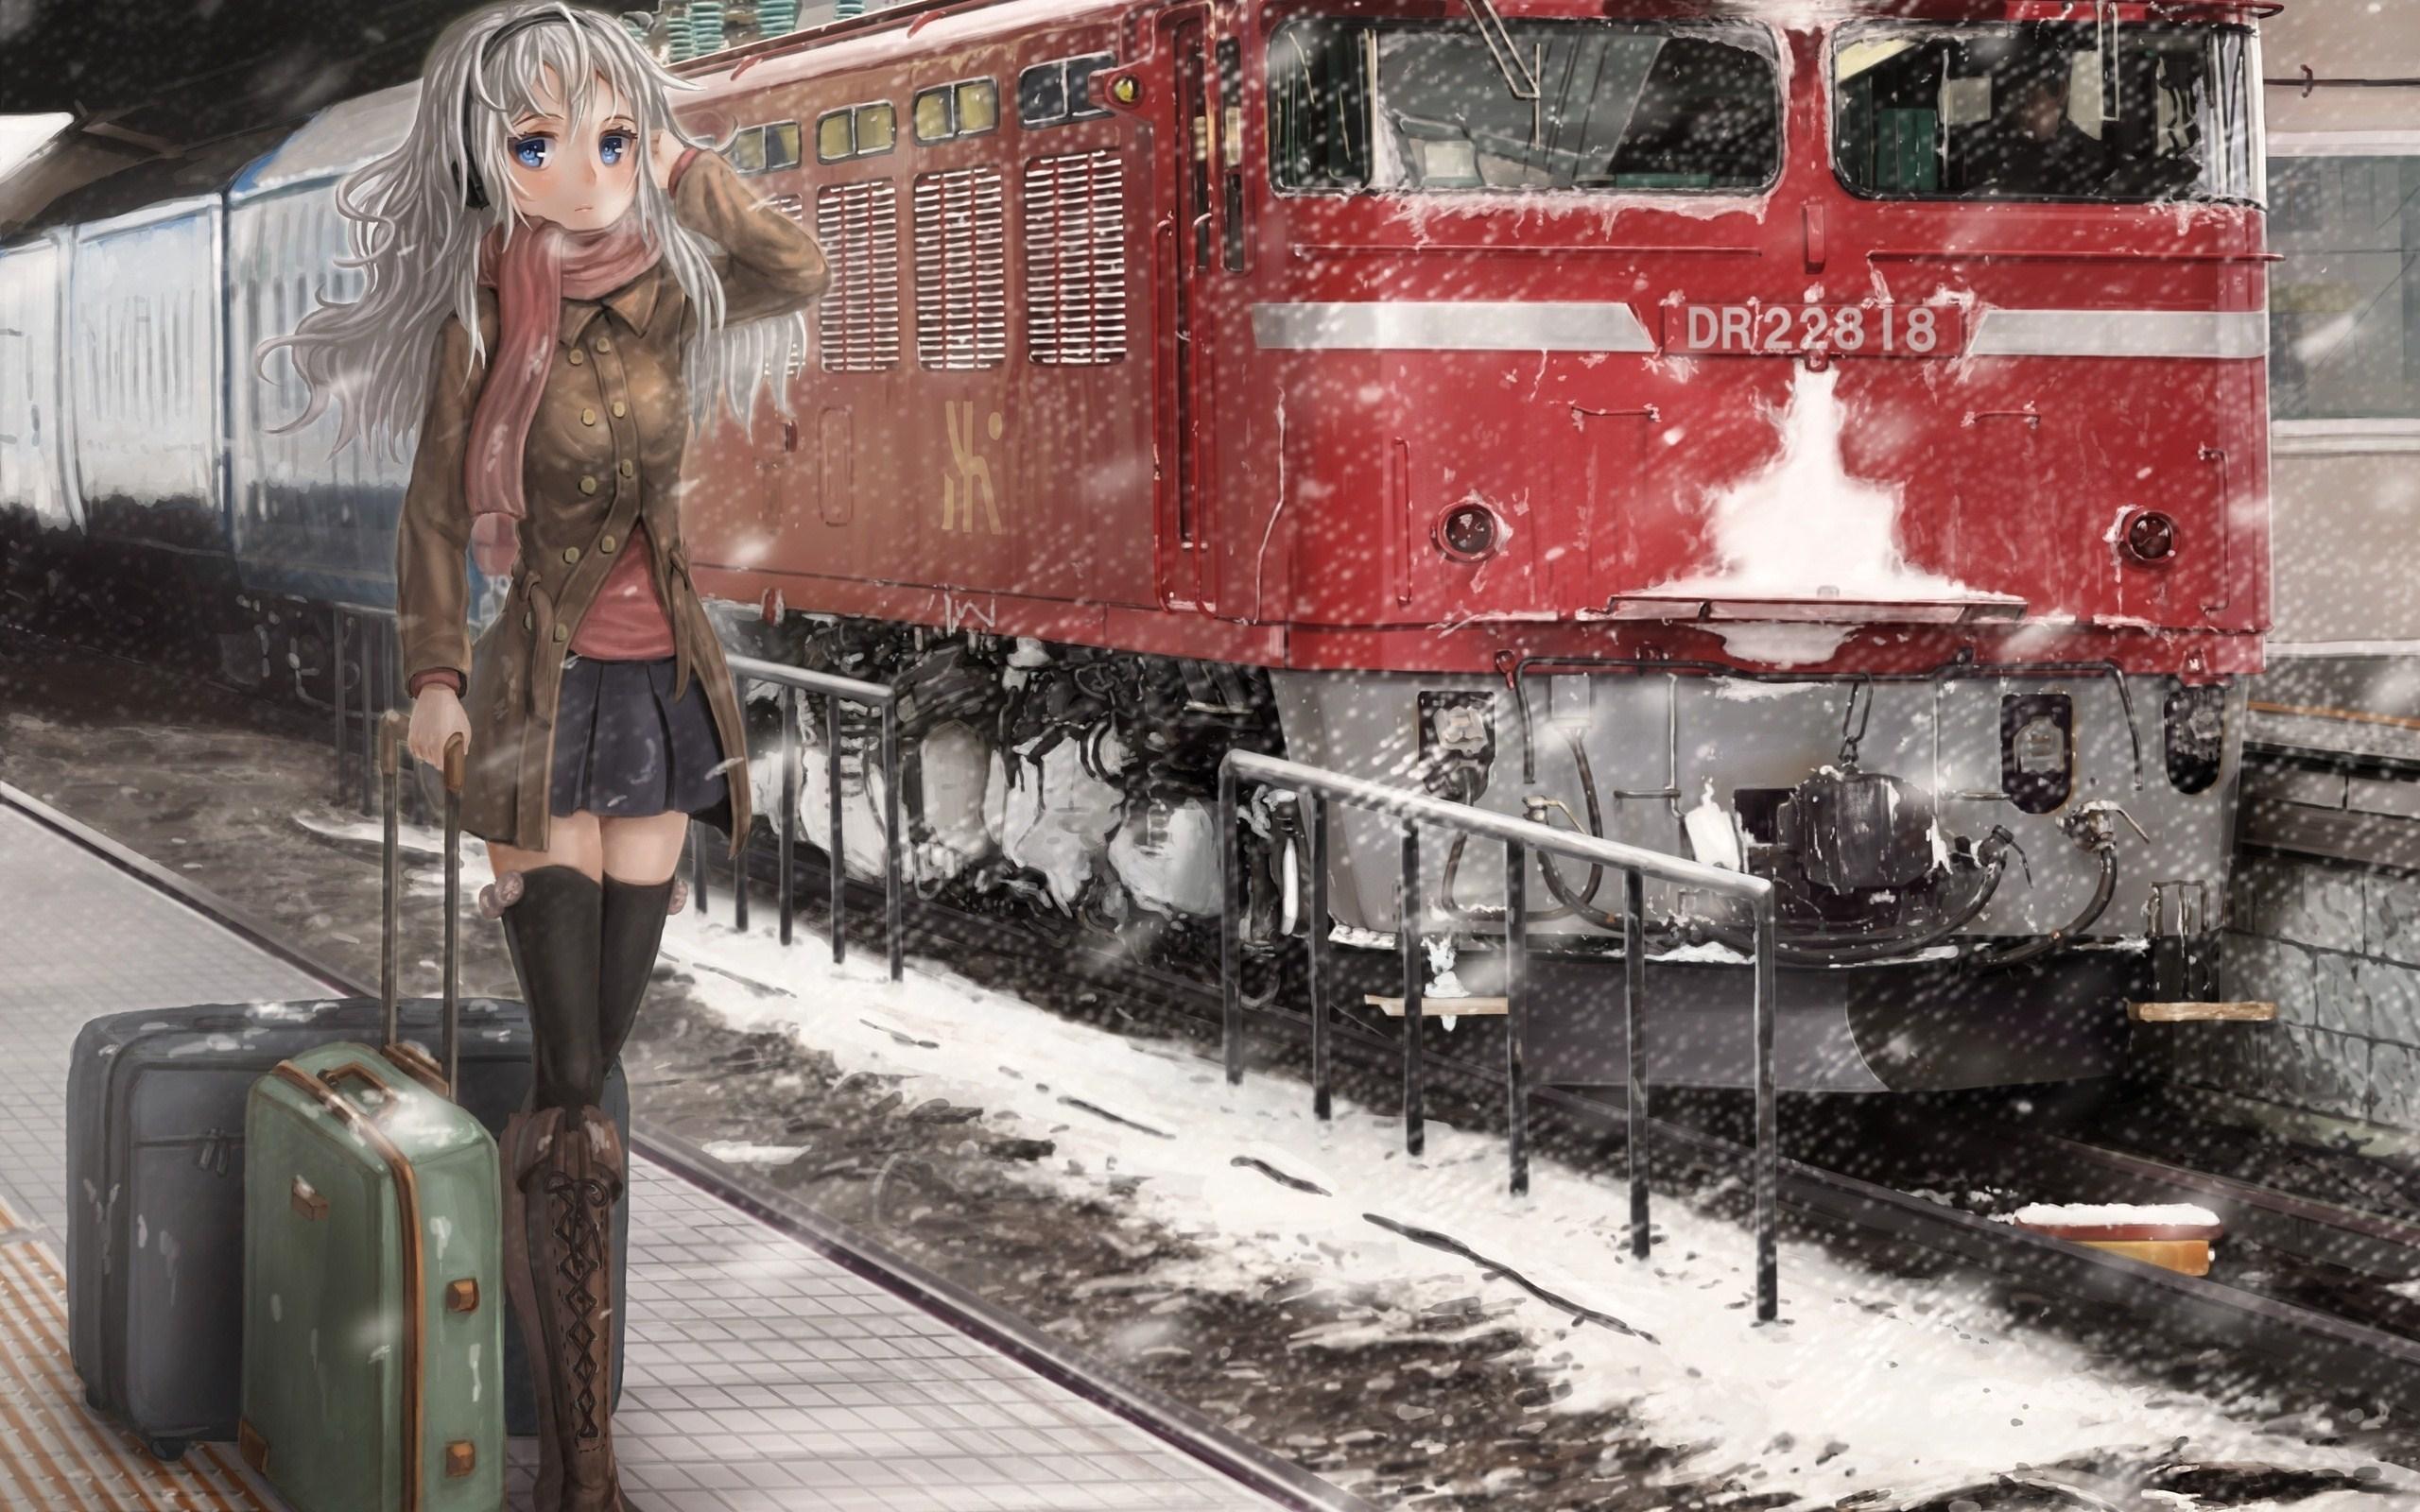 Lovely Anime Girl Winter Train Art